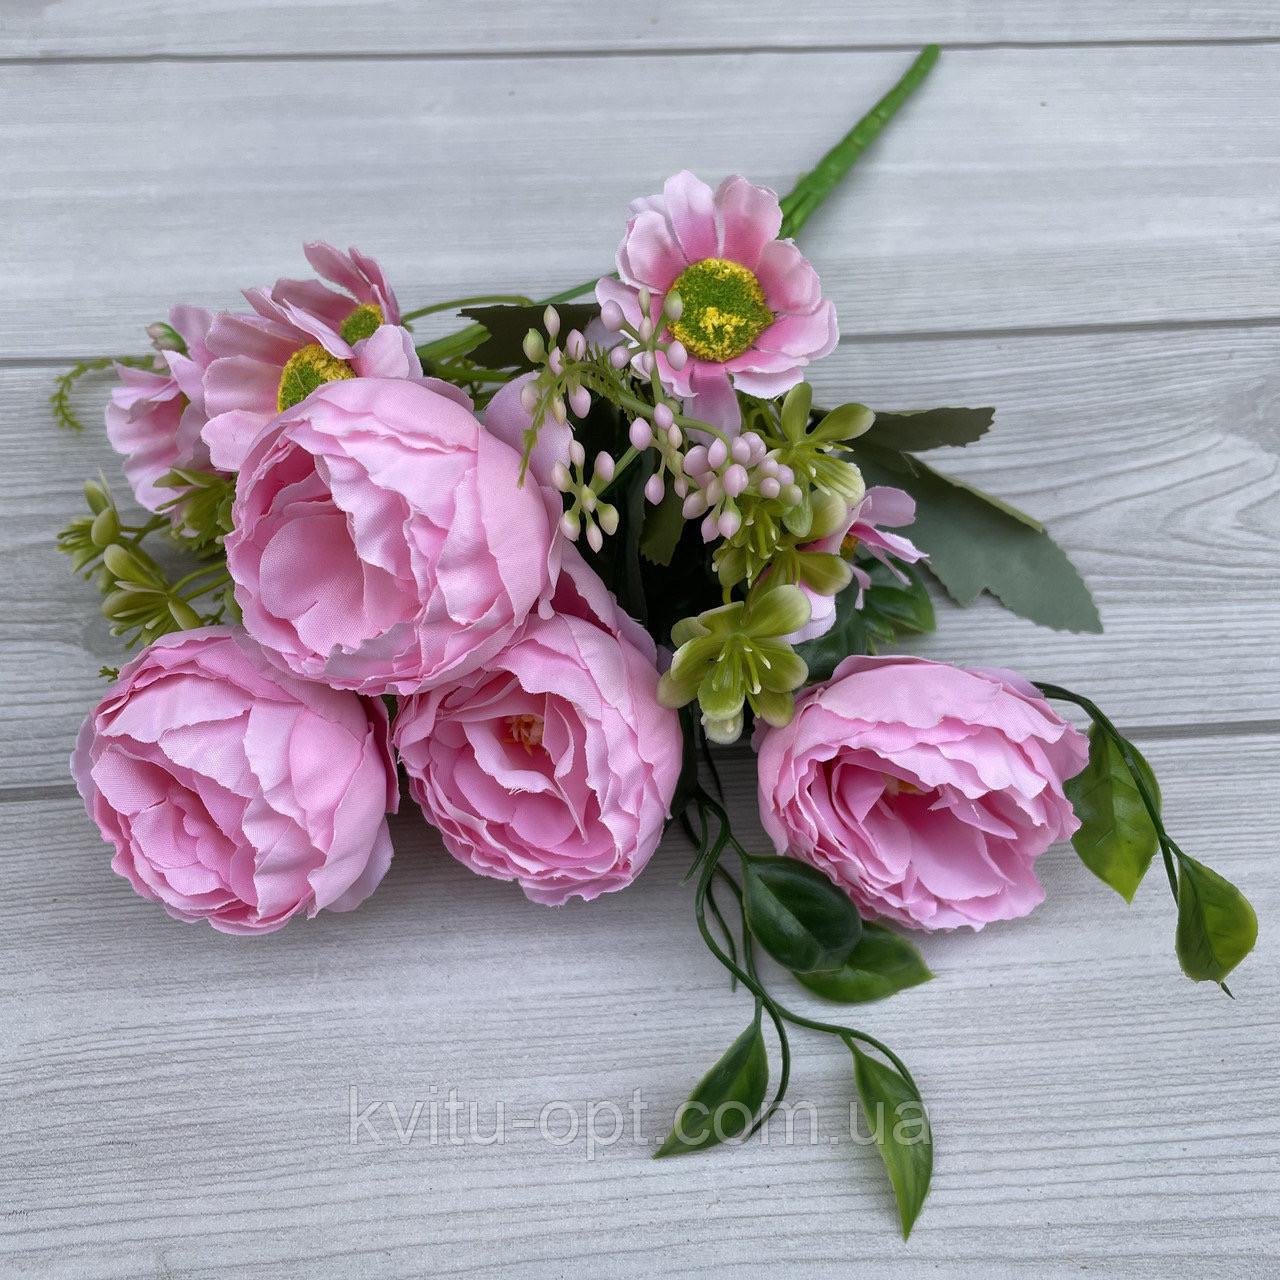 Букет пионов с ромашкой и ягодой розовые 32см